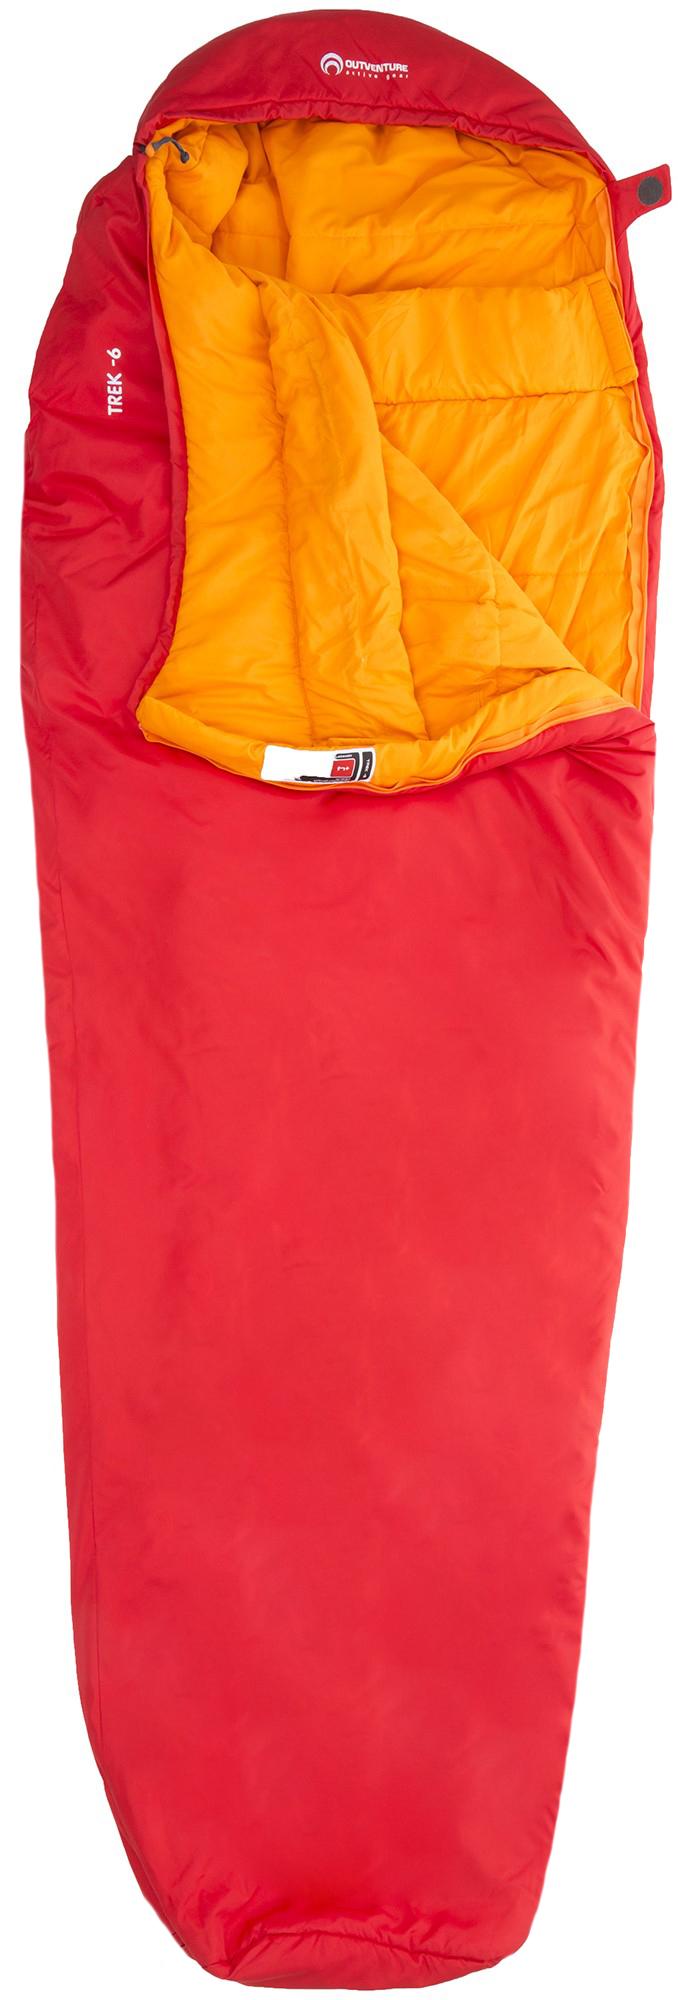 Outventure Спальный мешок левый для походов Outventure Trek T -6